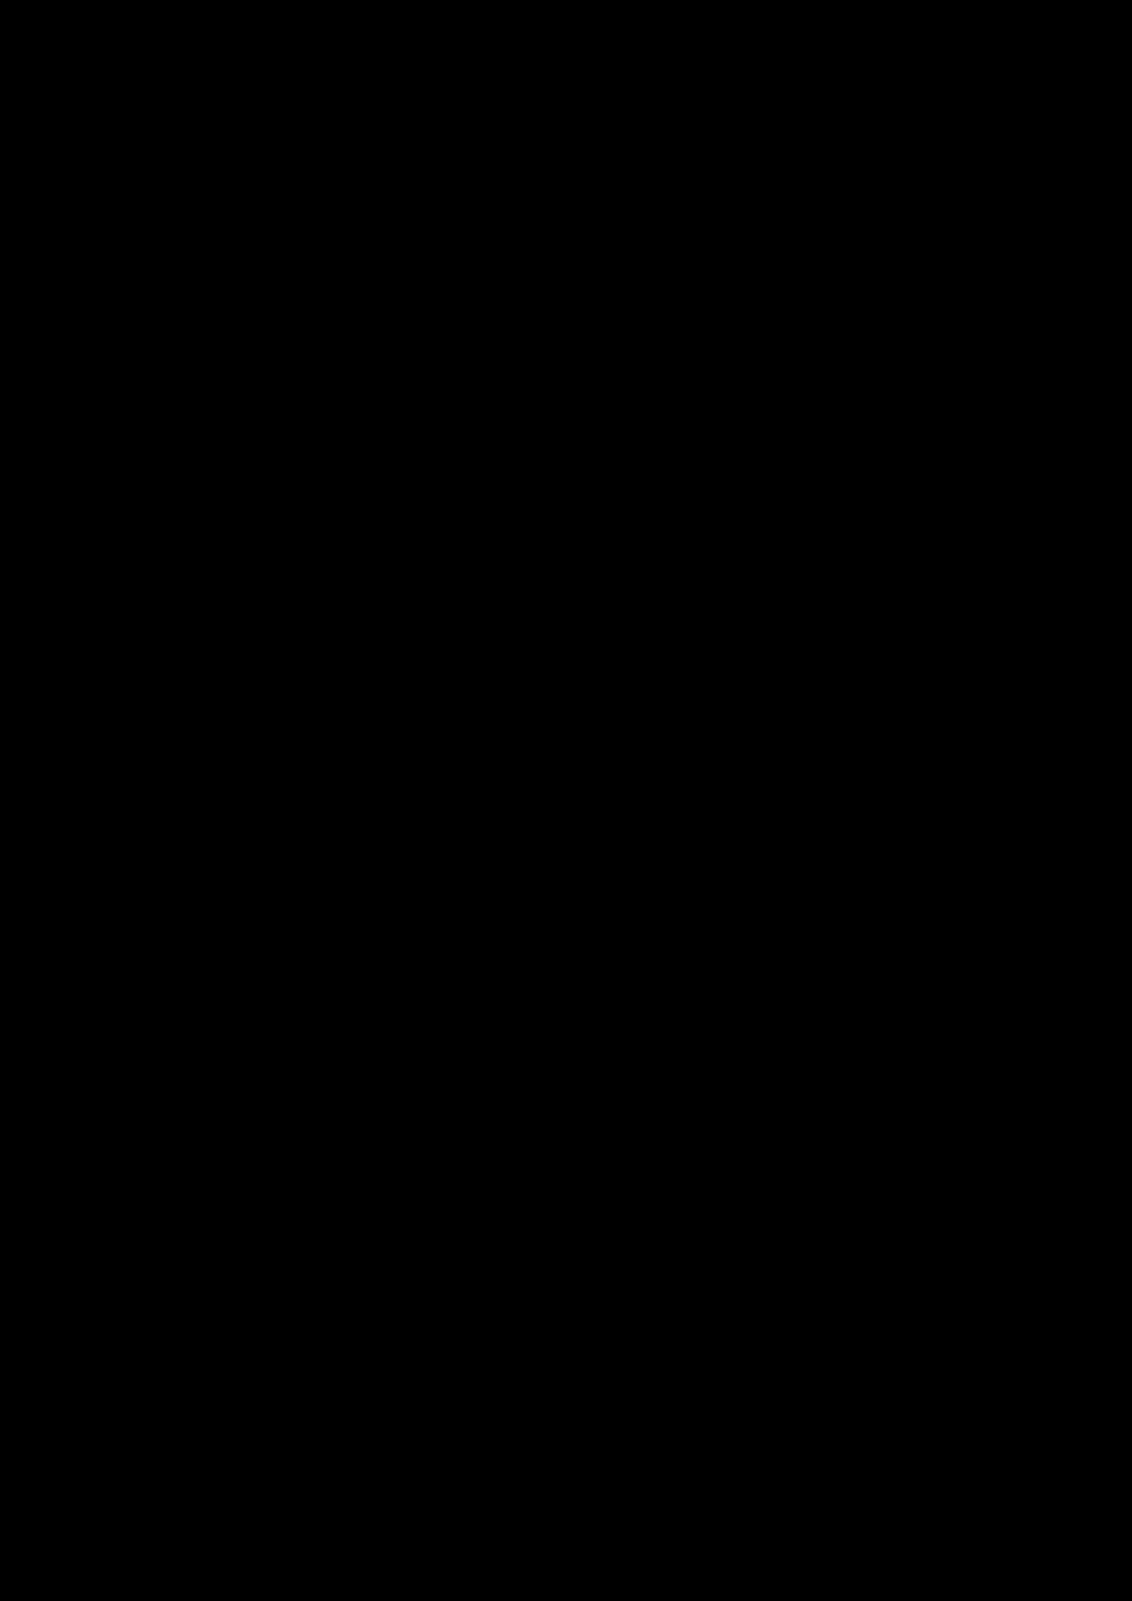 Prolog slide, Image 32